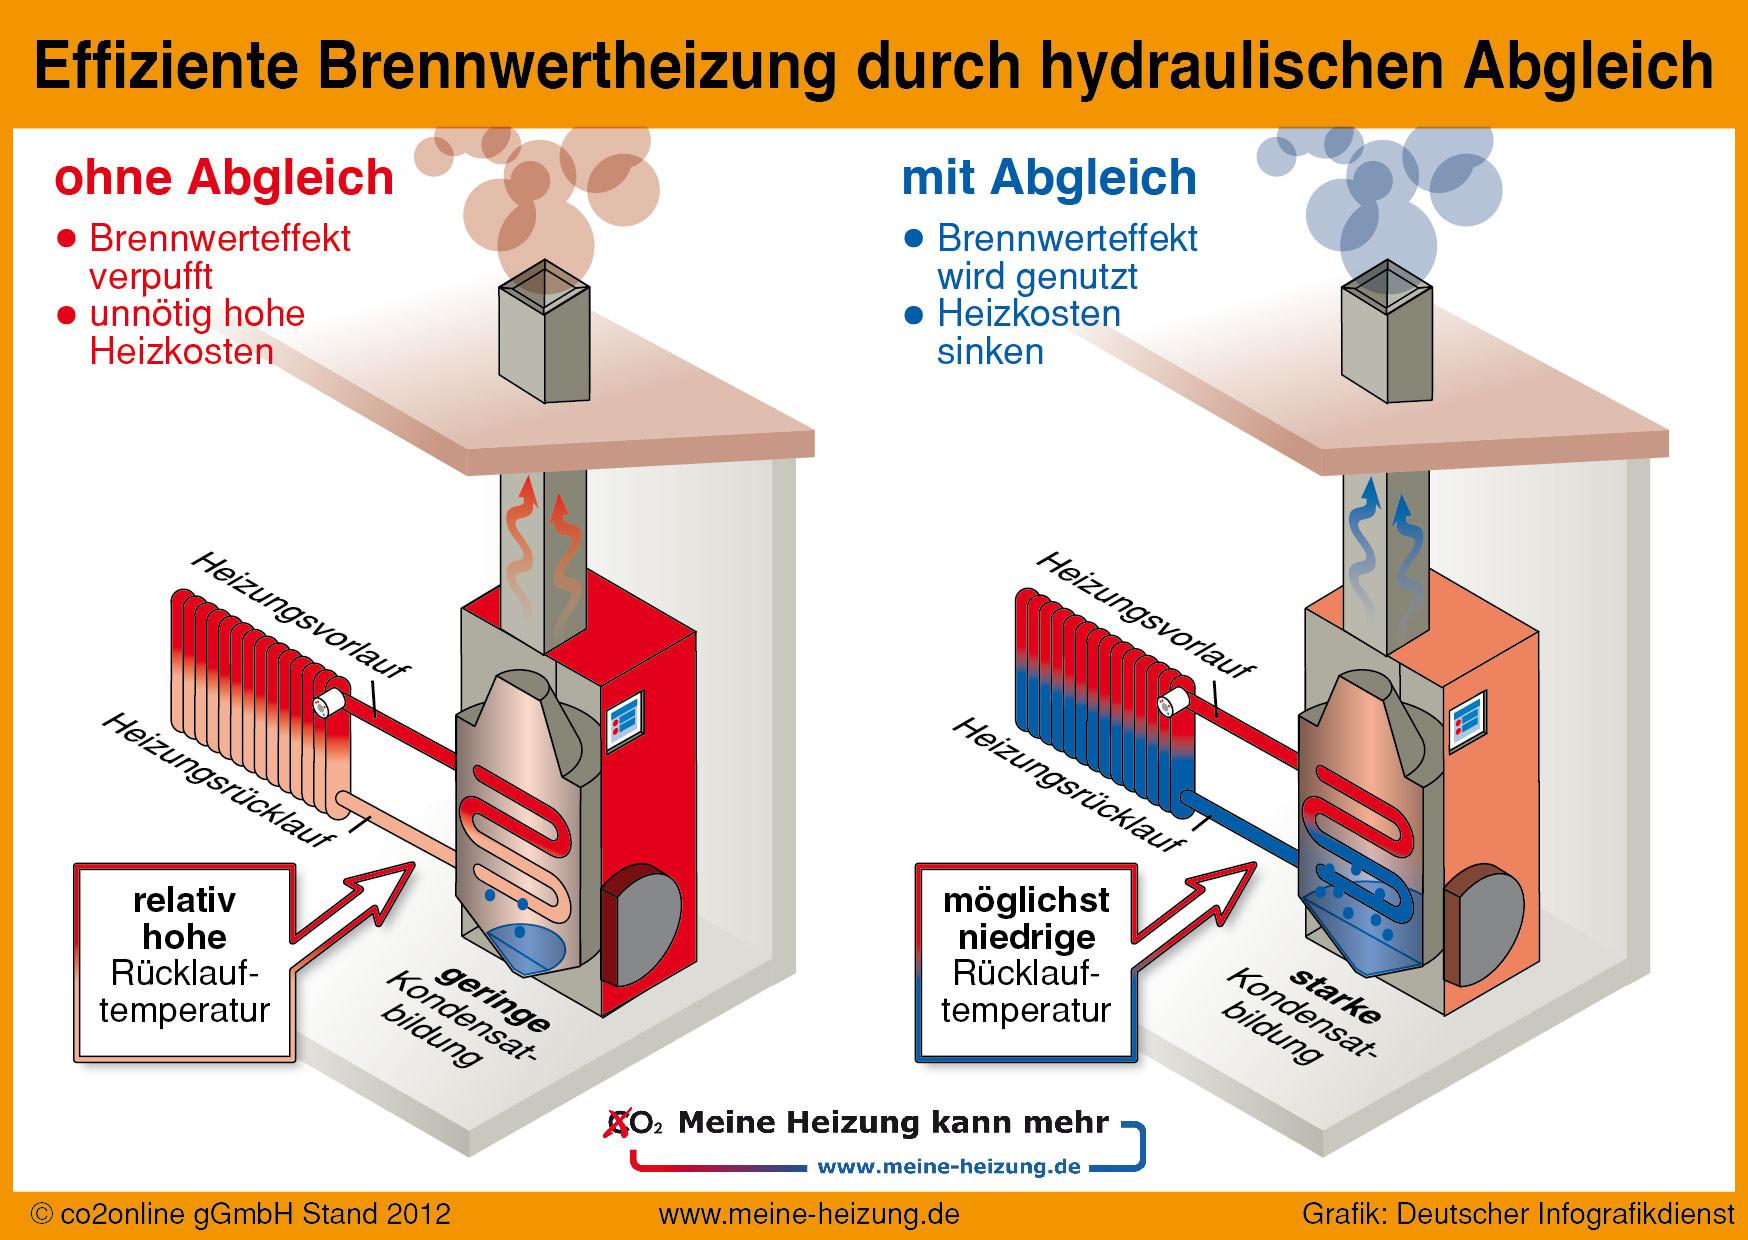 Brennwerteffekt nur mit dem hydraulischen Abgleich